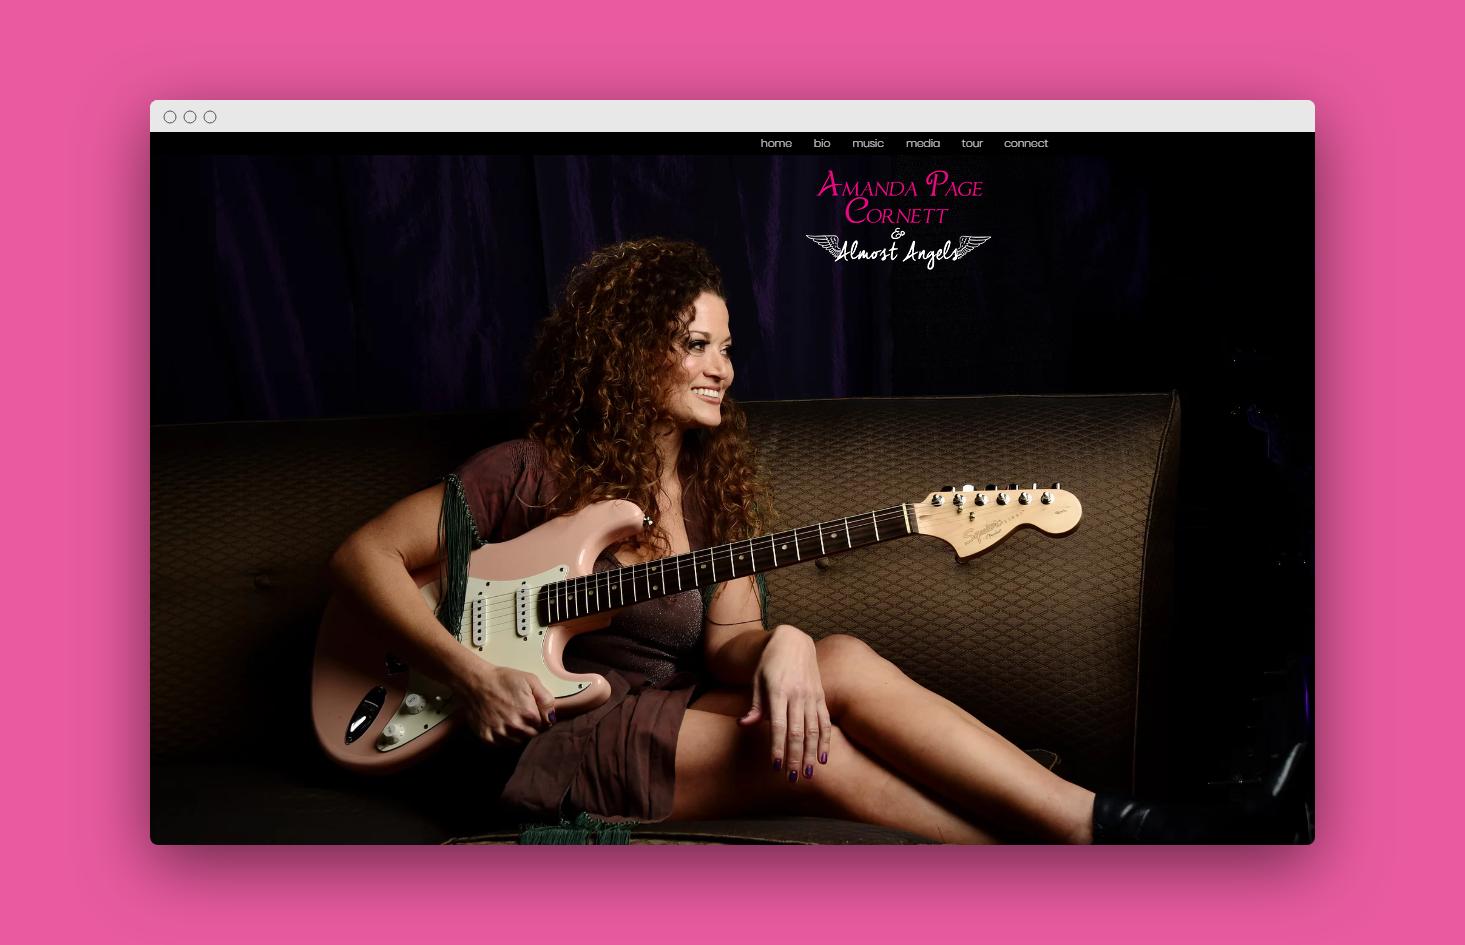 mindfull-marketing-nashville-amandapagecornettmusic-mock-up.png